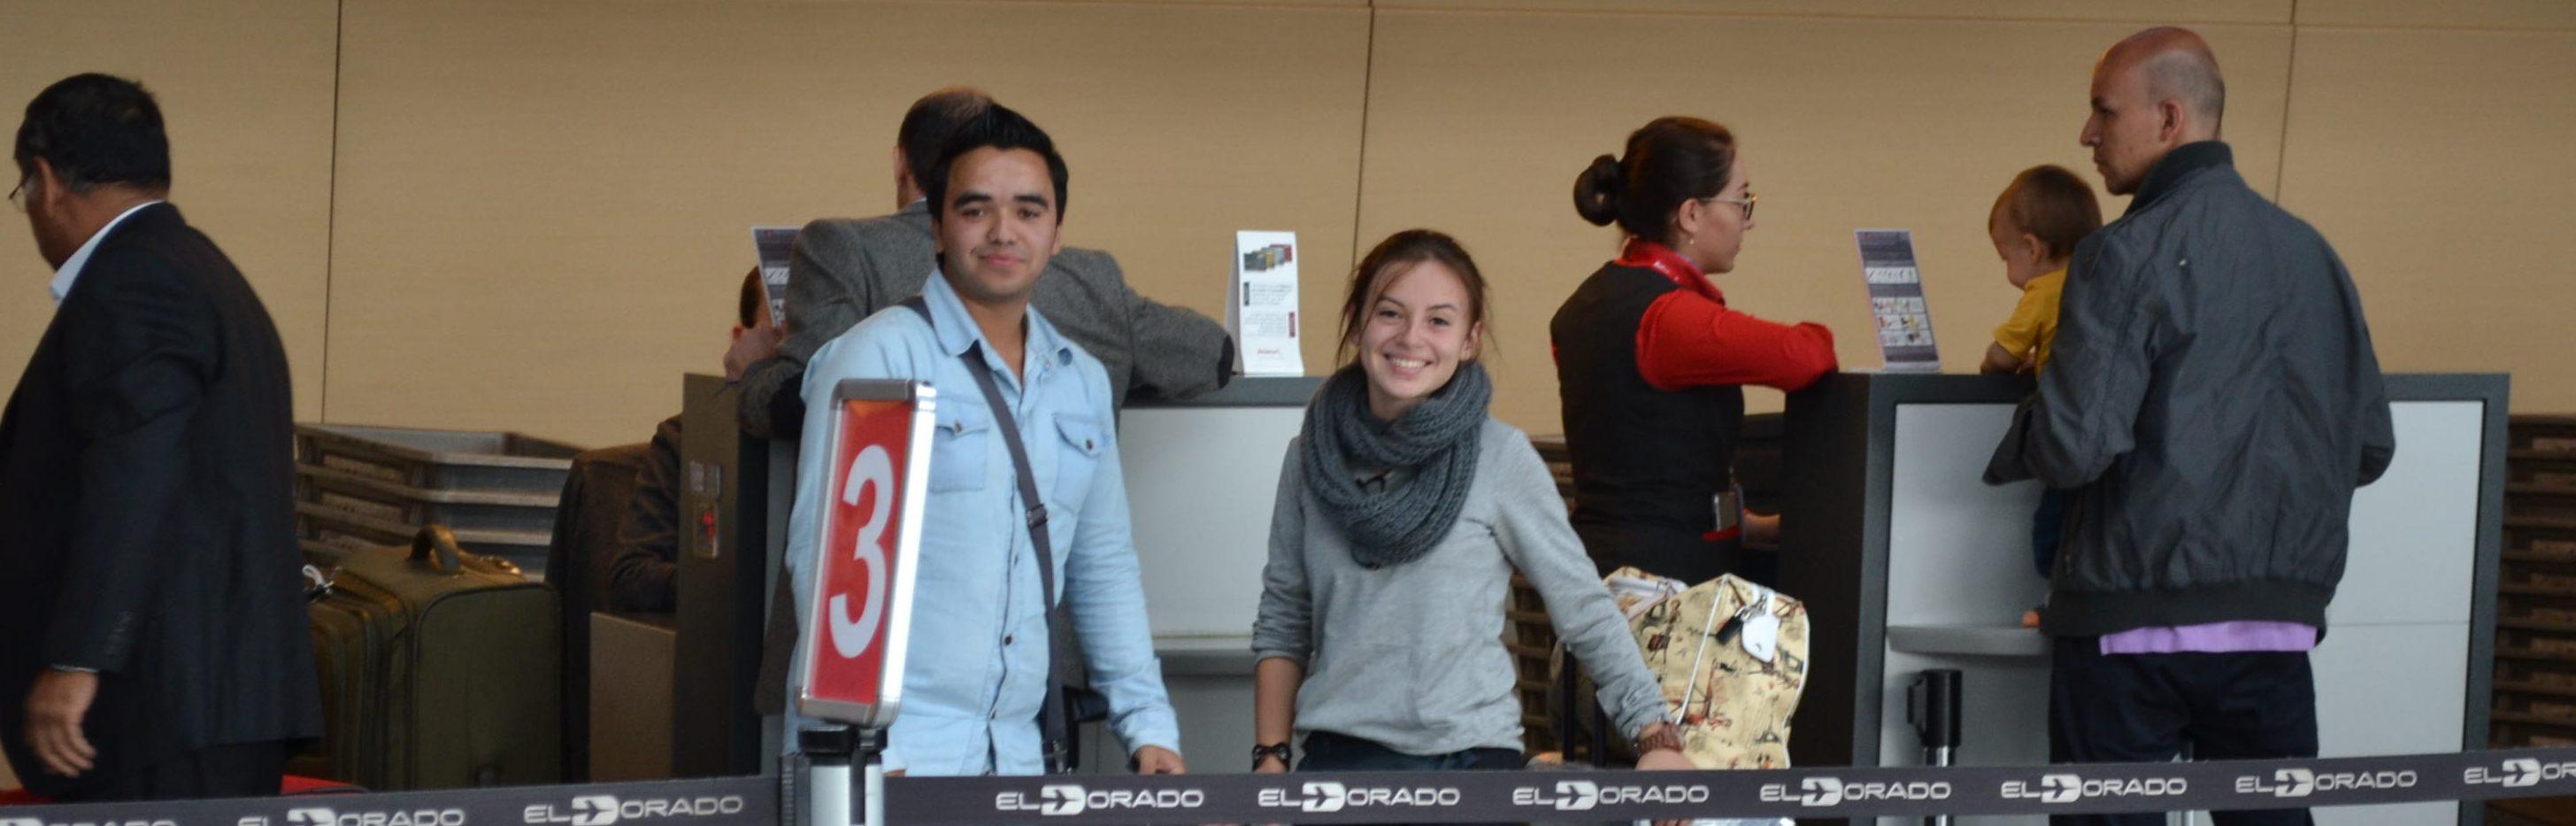 Estudiantes de Colombia becados por FUNIBER, CEA y UNEATLANTICO llegan a Santander (España)